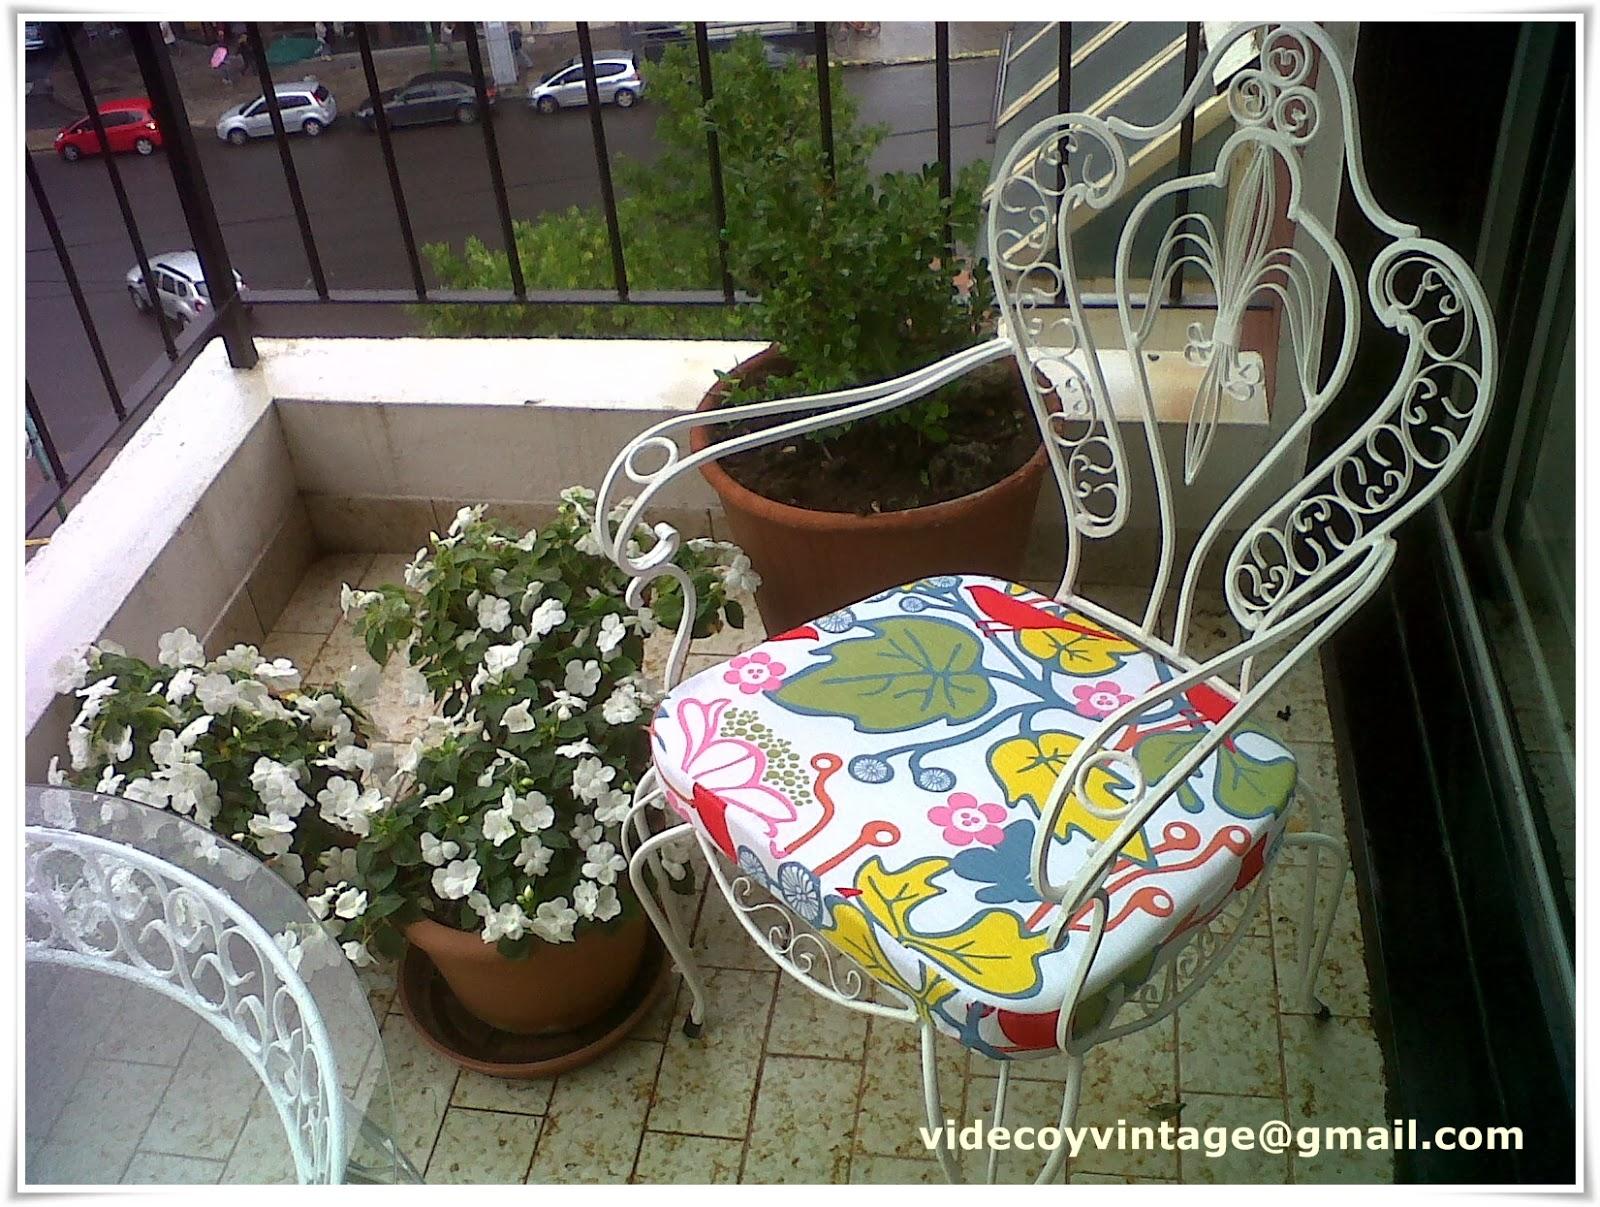 Videcoyvintage deco sillones de hierro for Almohadones para sillones de jardin